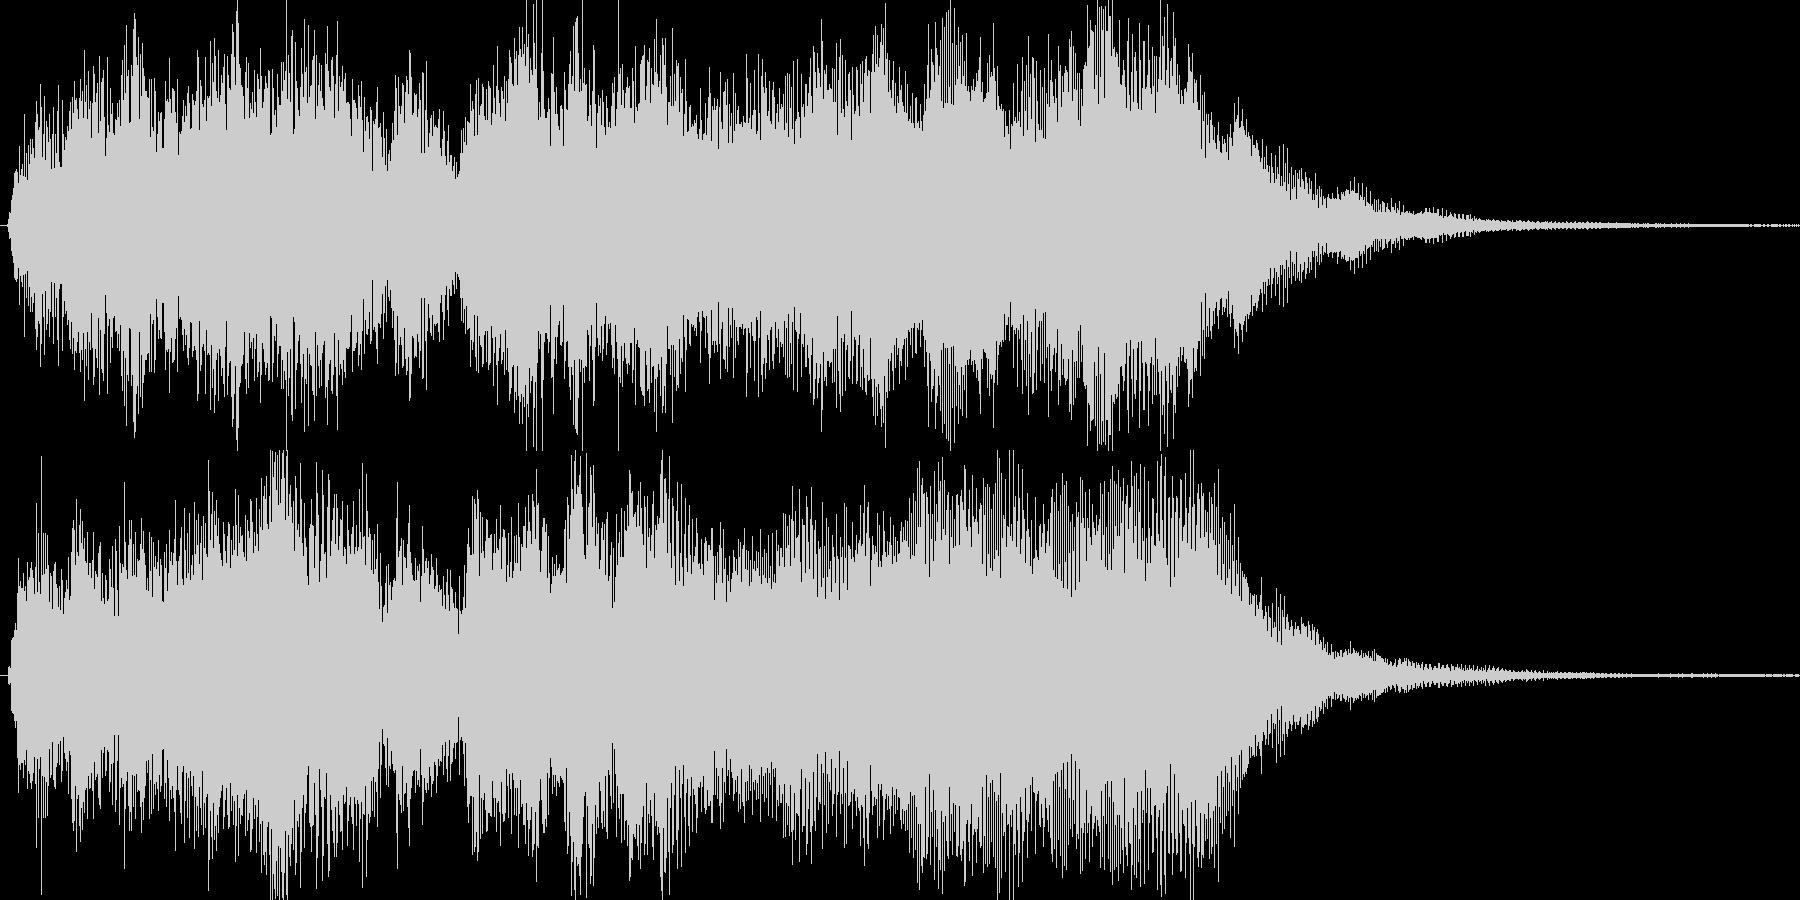 オーケストラによる豪華なジングルの未再生の波形